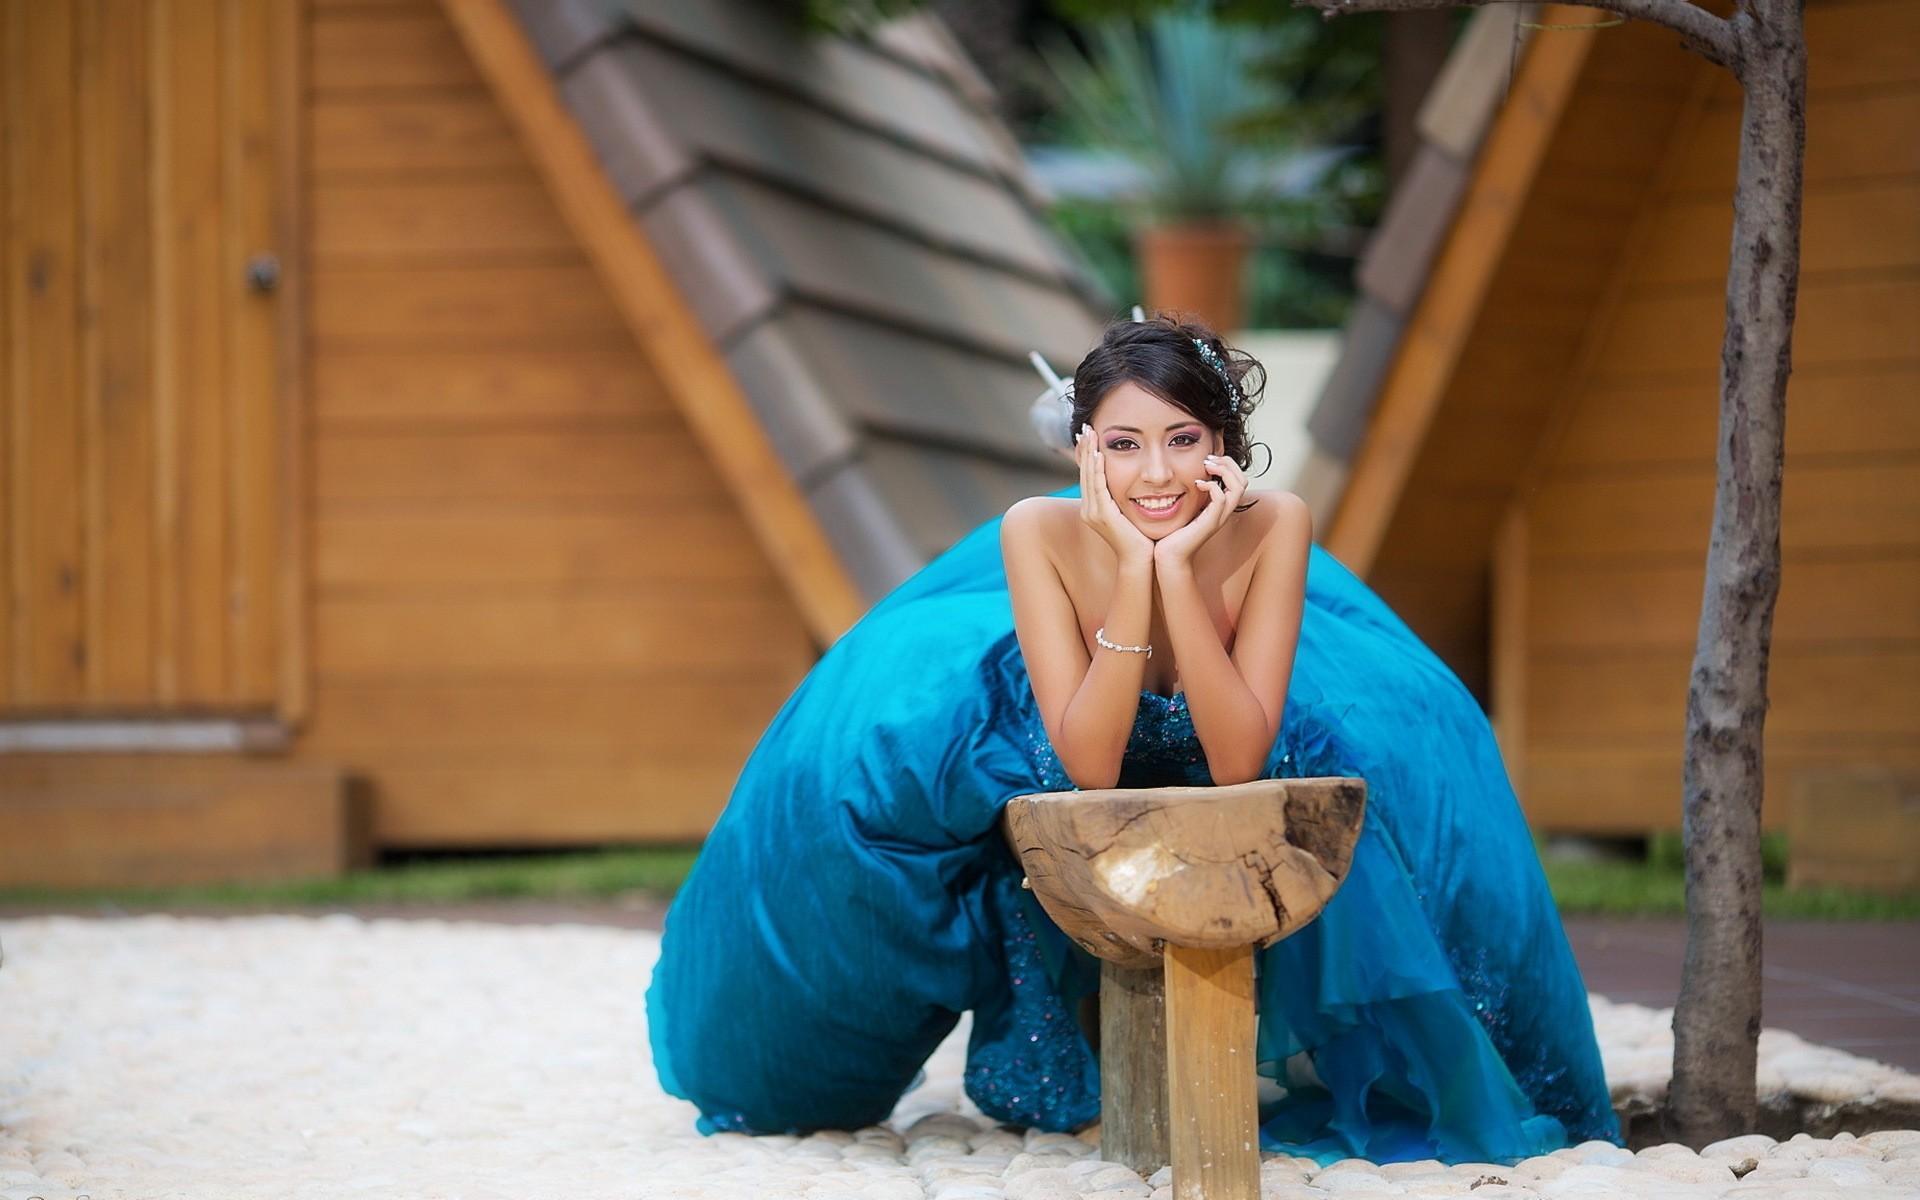 Chica con vestido azul - 1920x1200